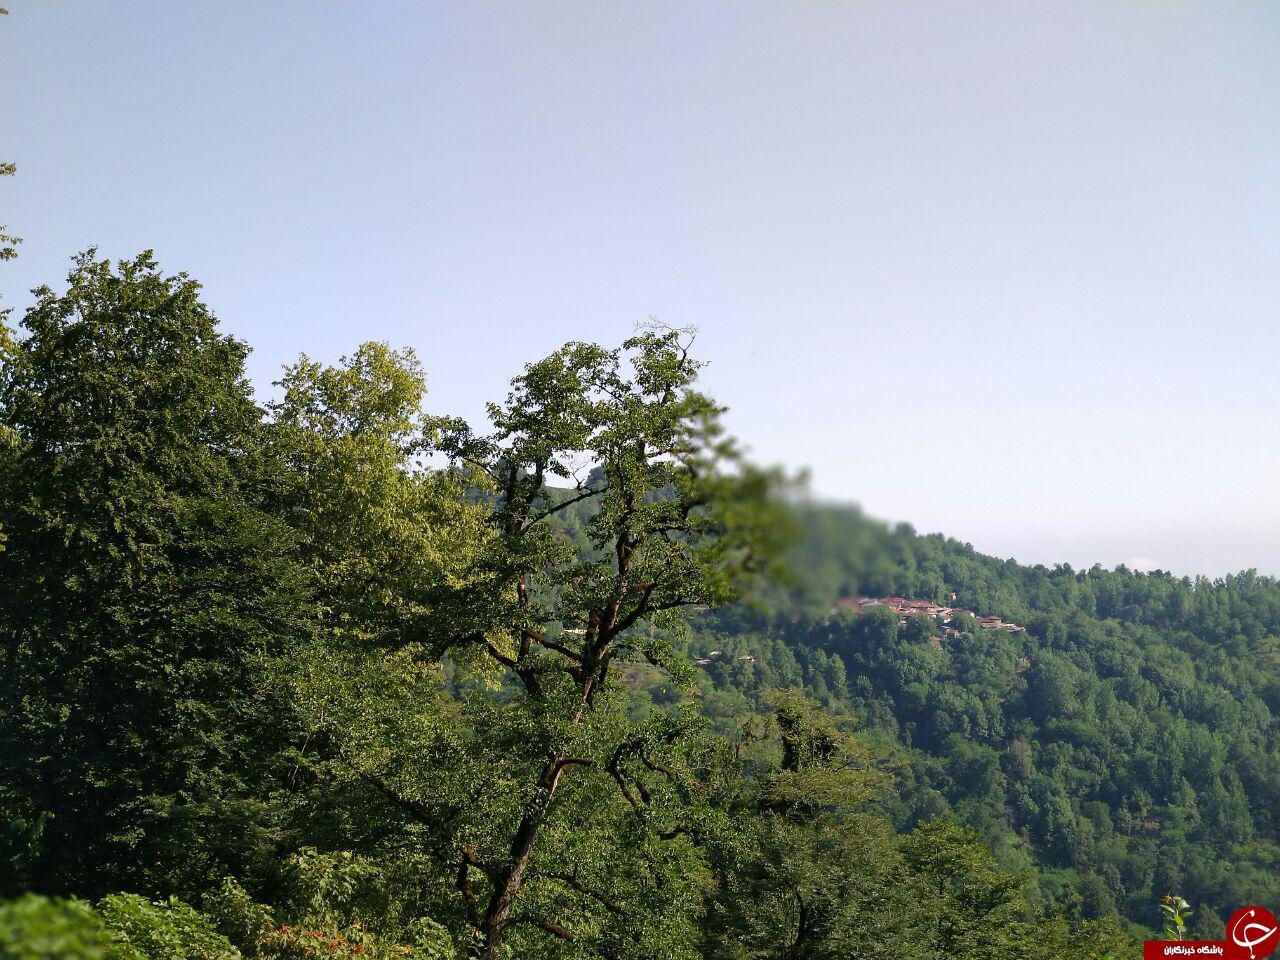 تصاویری از طبیعت جذاب در روستای تابستان نشین